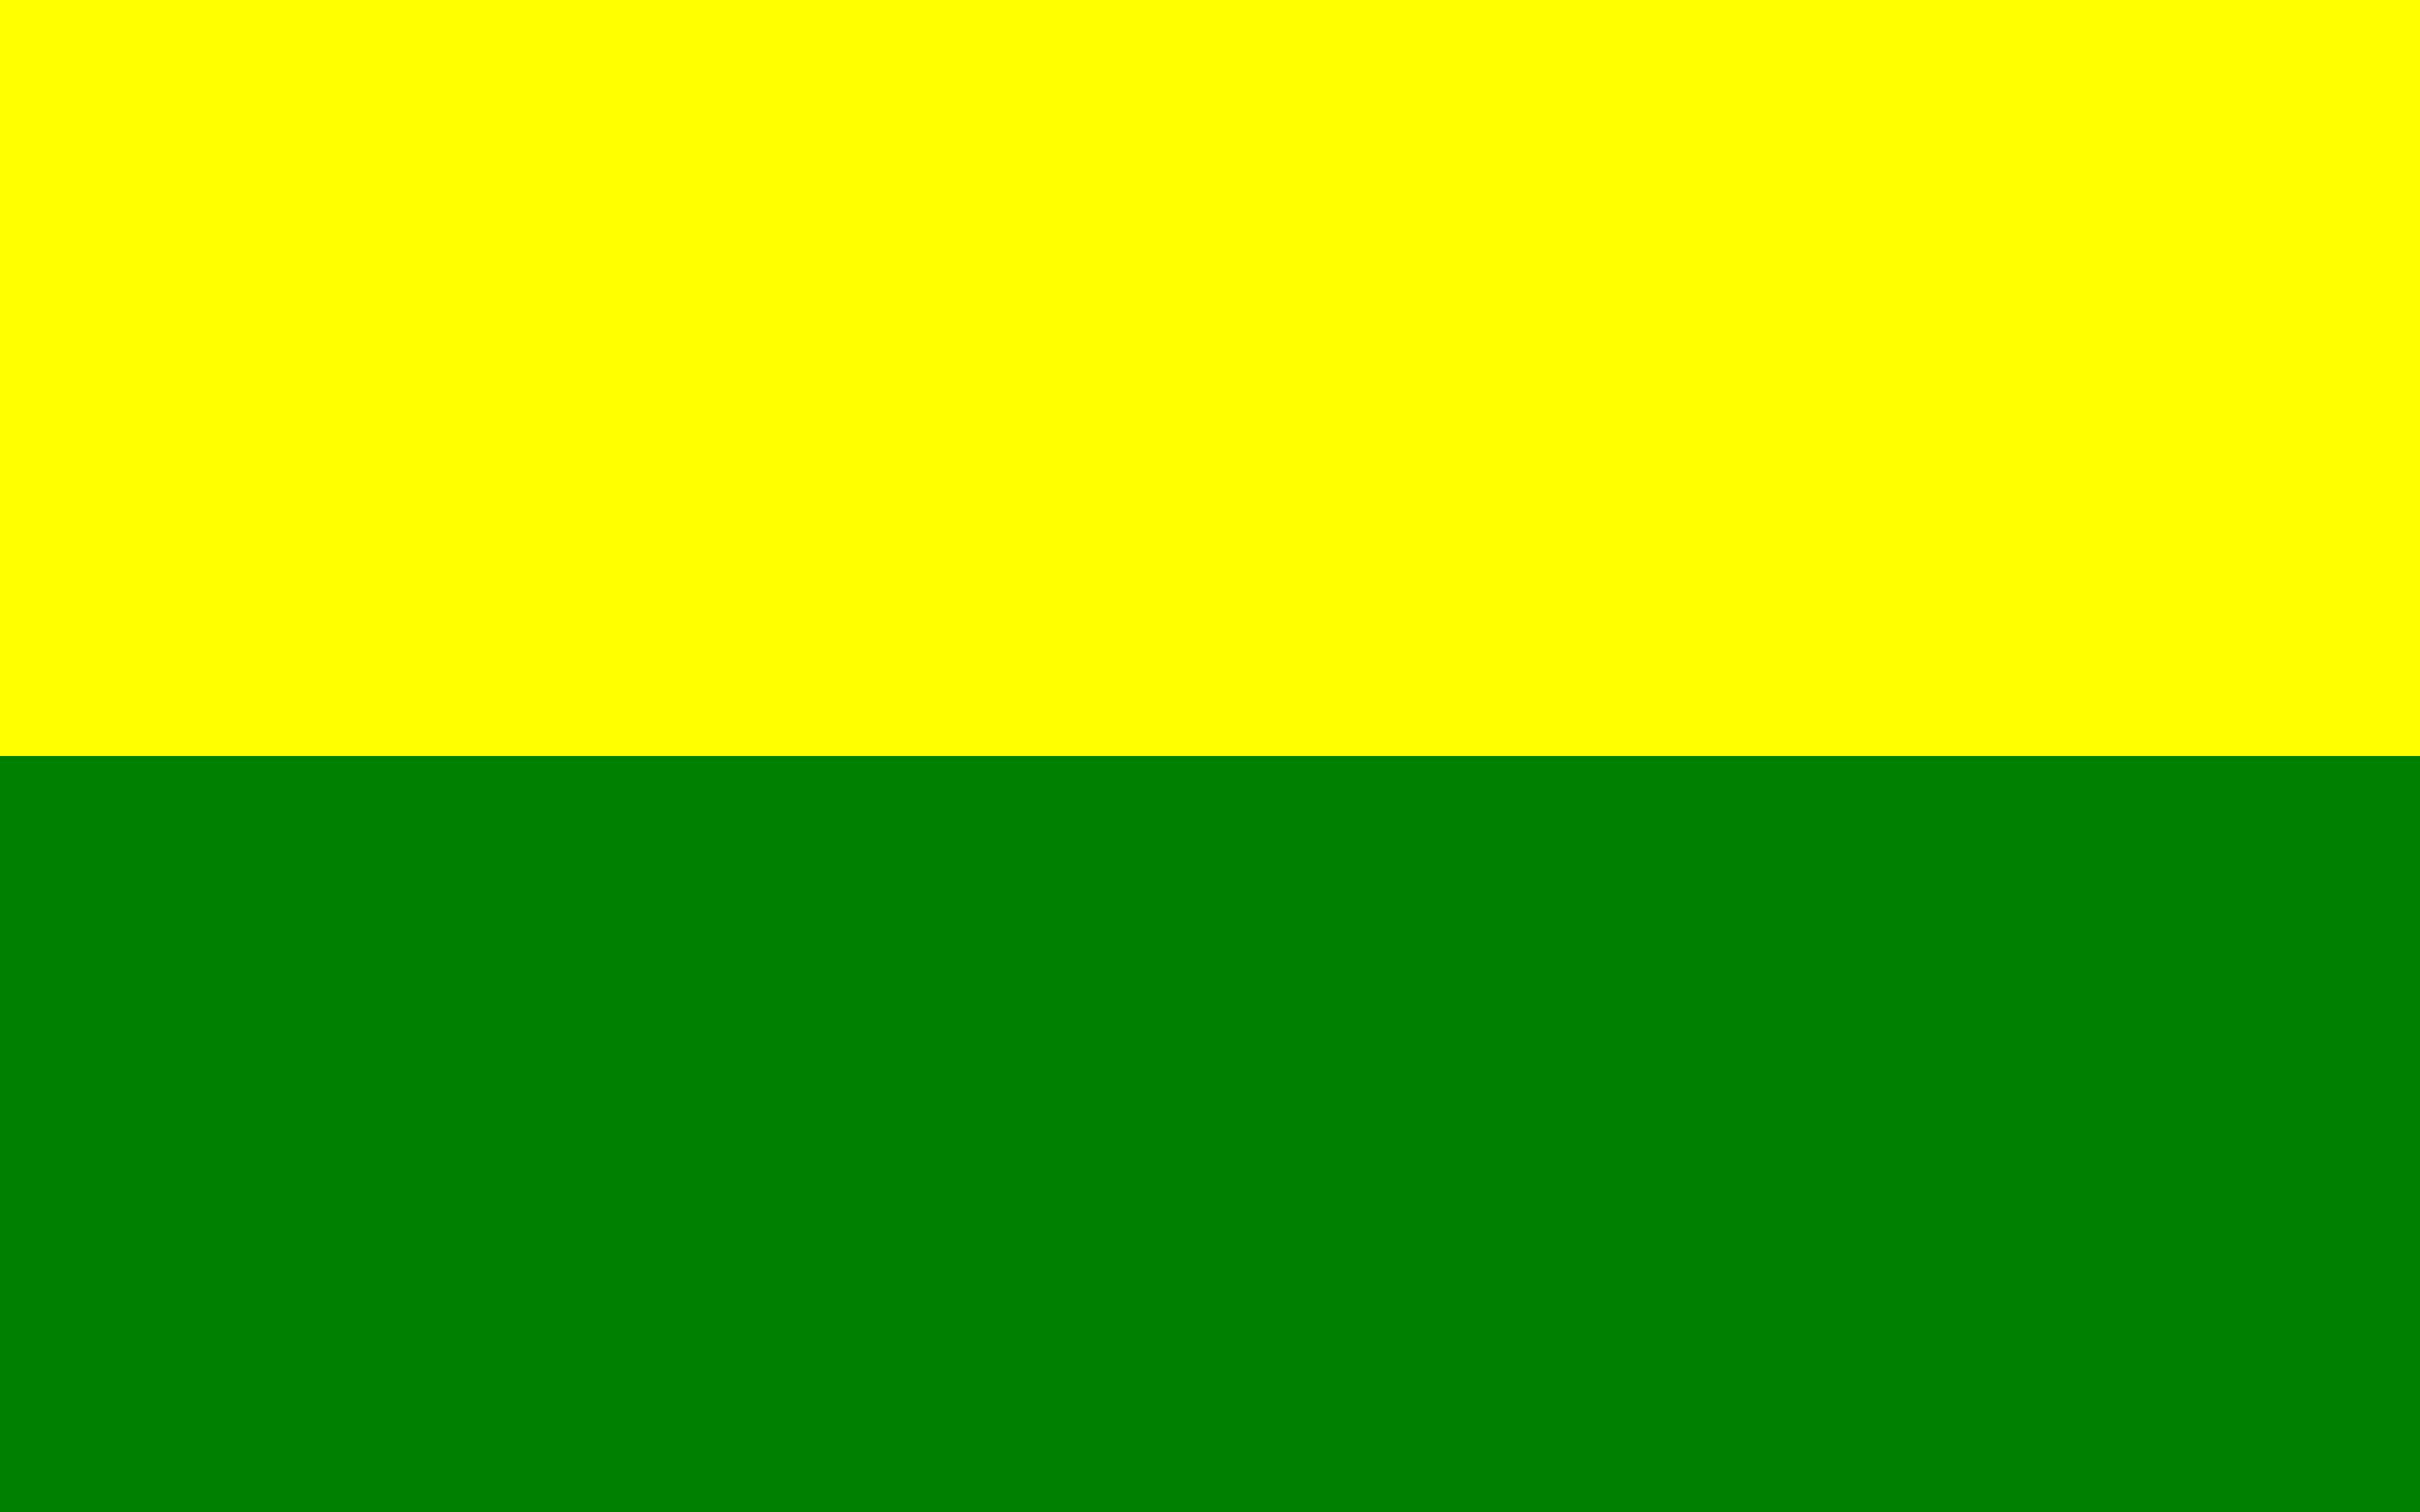 Flag_of_Tirschenreuth